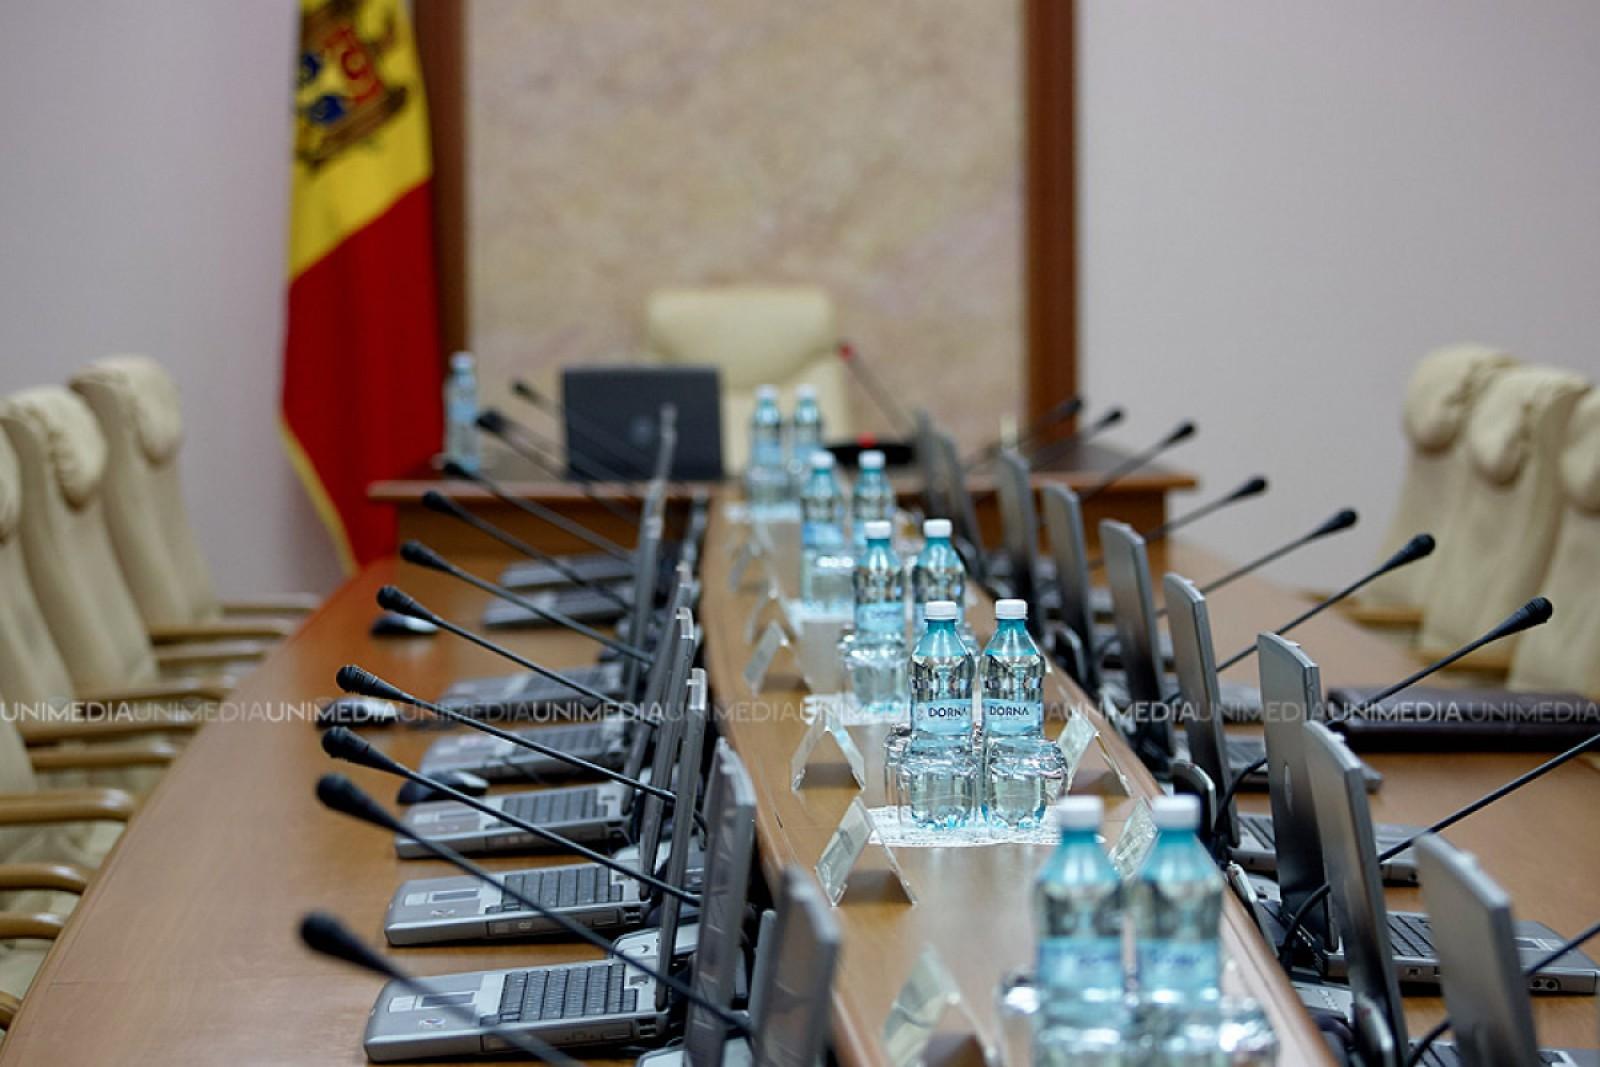 Banii şi comerţul arată că economia Republicii Moldova se desprinde încet, dar sigur de Rusia. Cu politica este mai greu // Ziarul Financiar